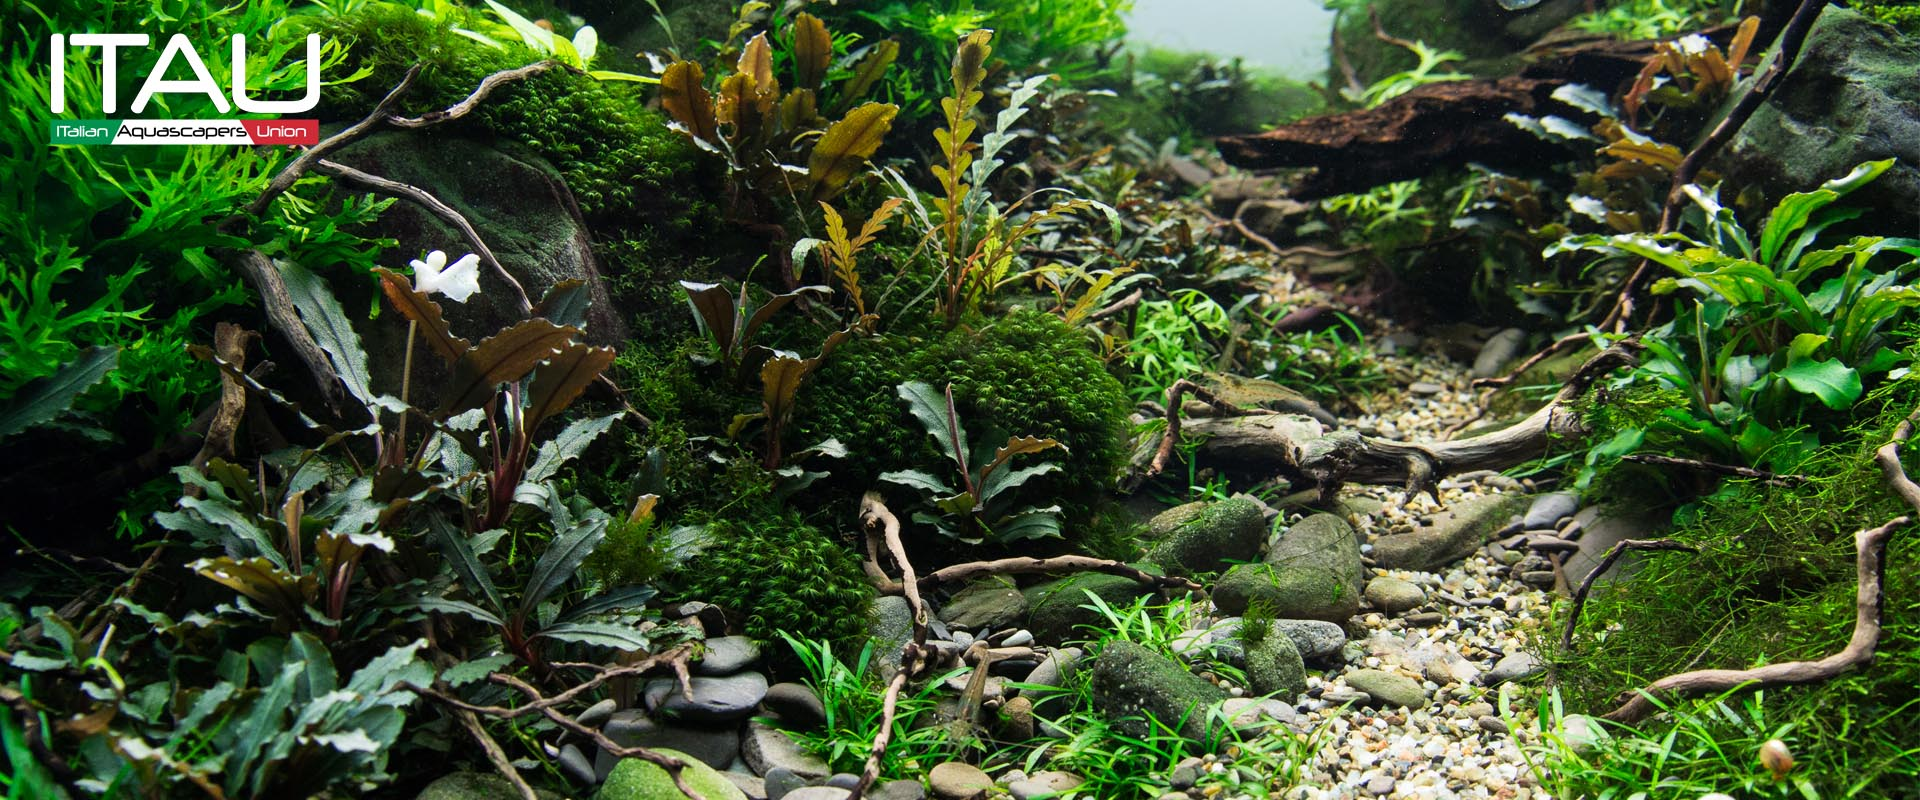 Lovely ITAU   Video Tutorial Aquascape Nature Aquarium Di Giuseppe Nisi